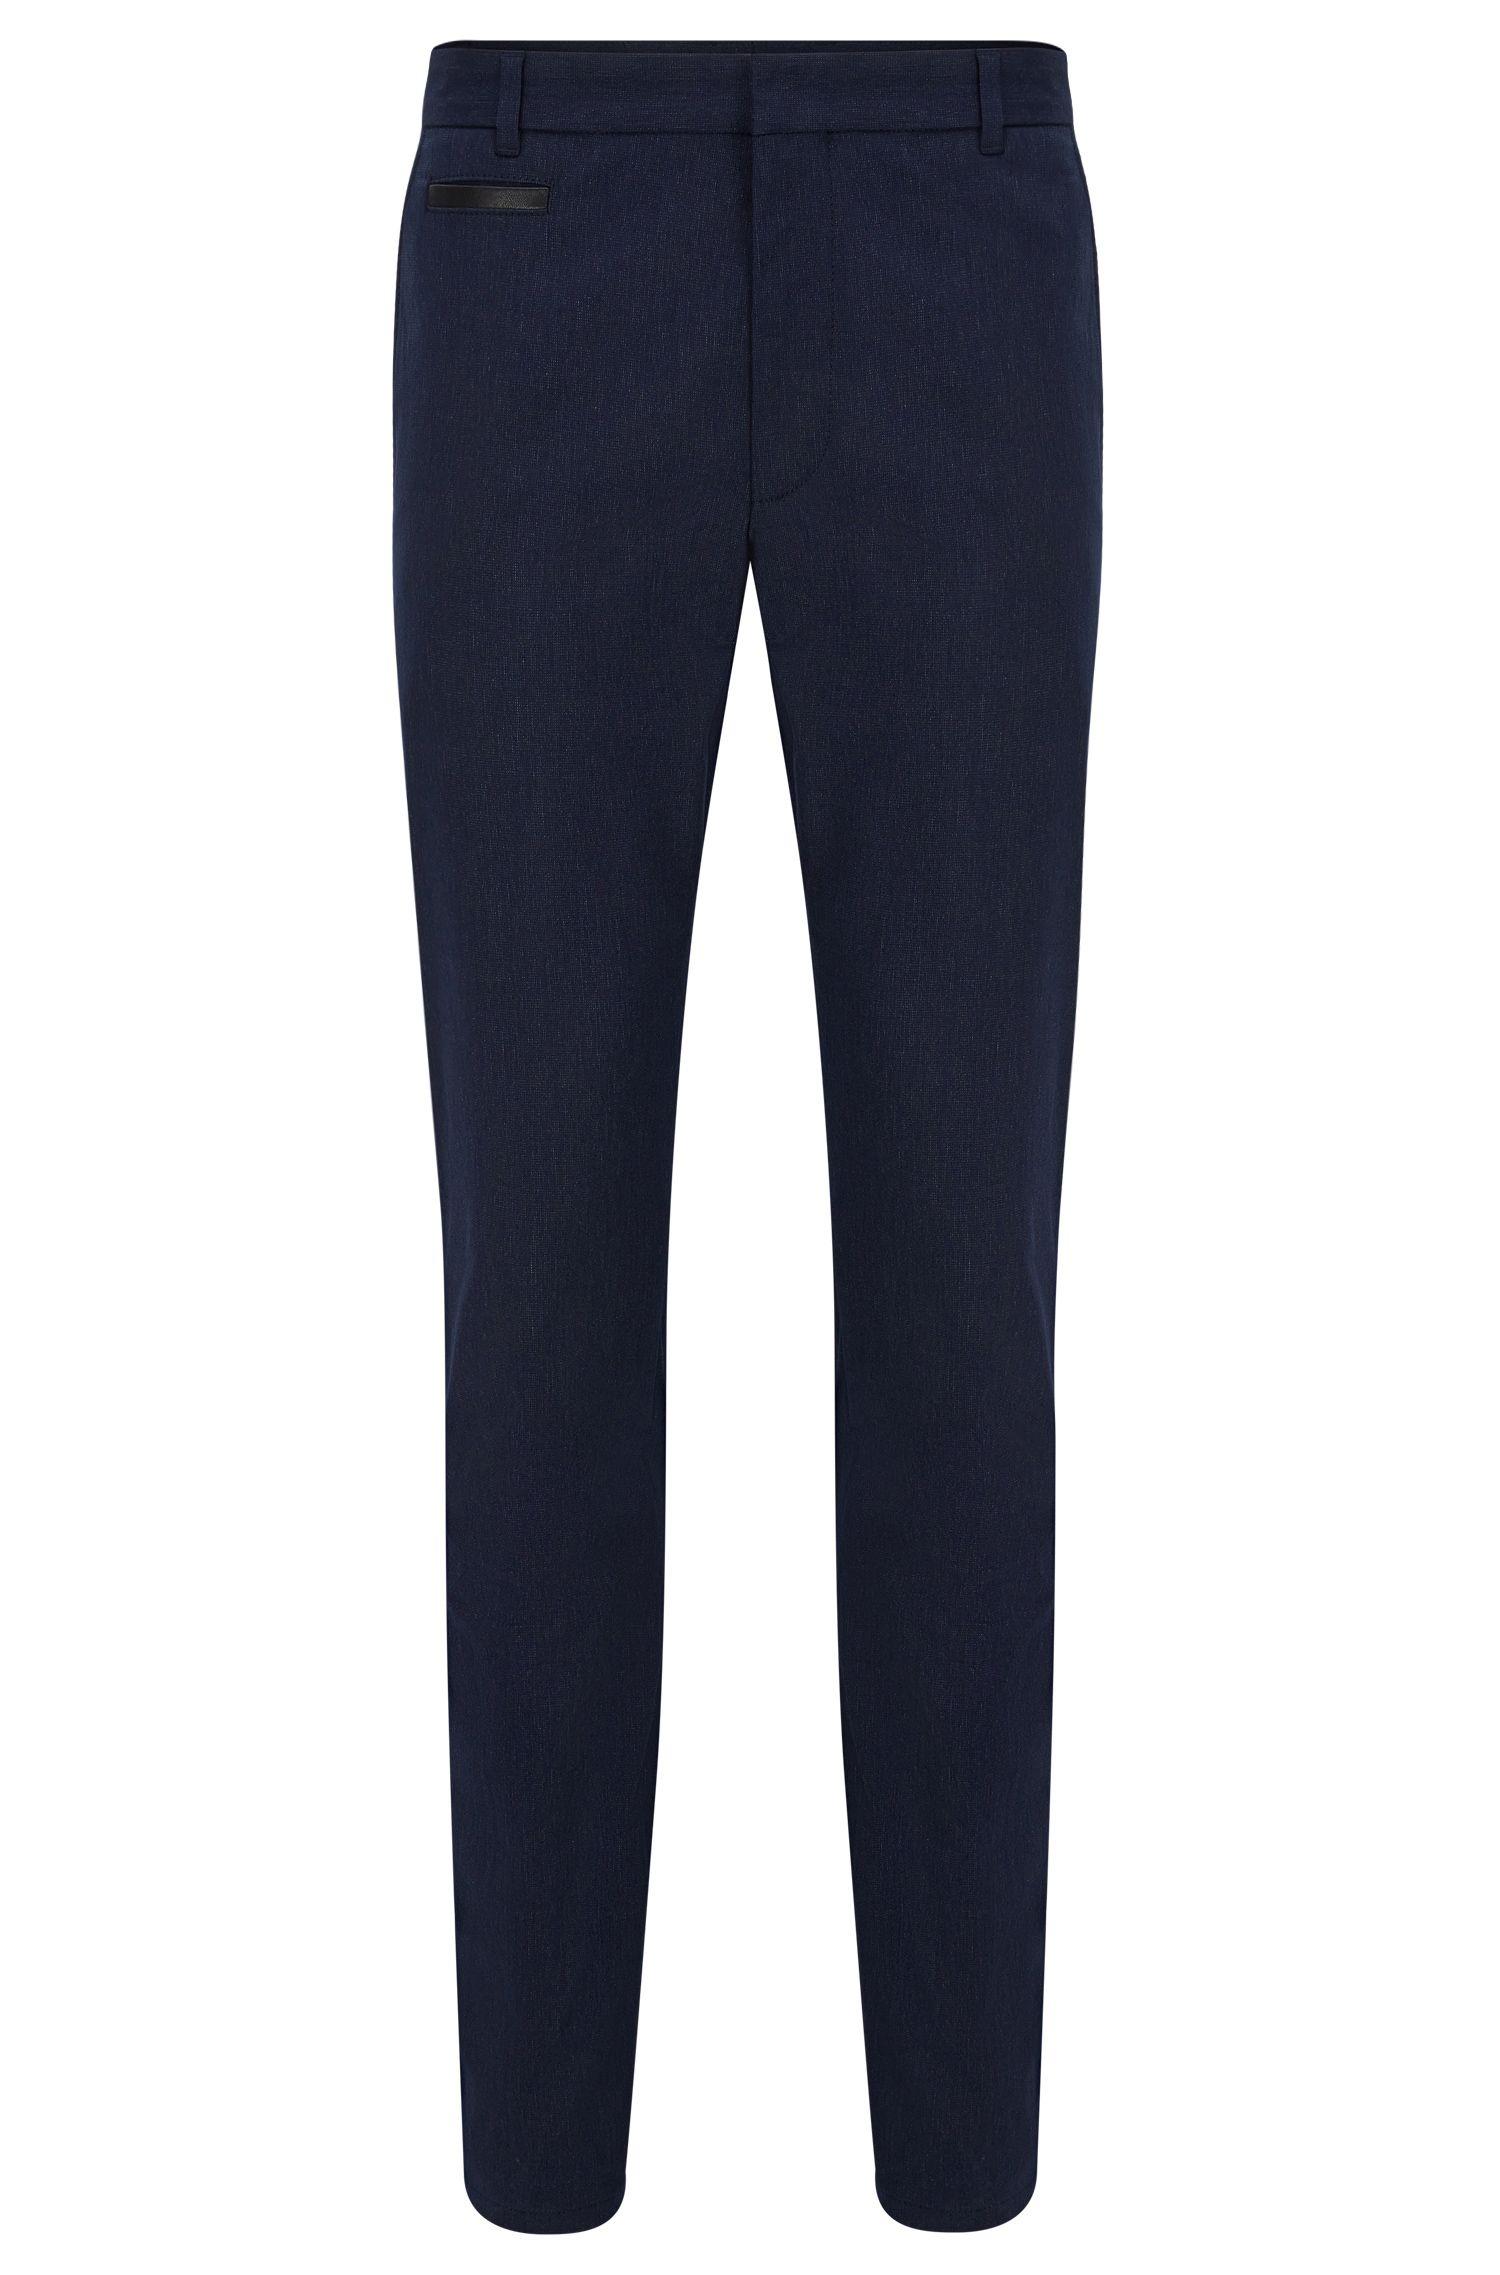 Pantalón extra slim fit en mezcla de algodón con ribete en piel